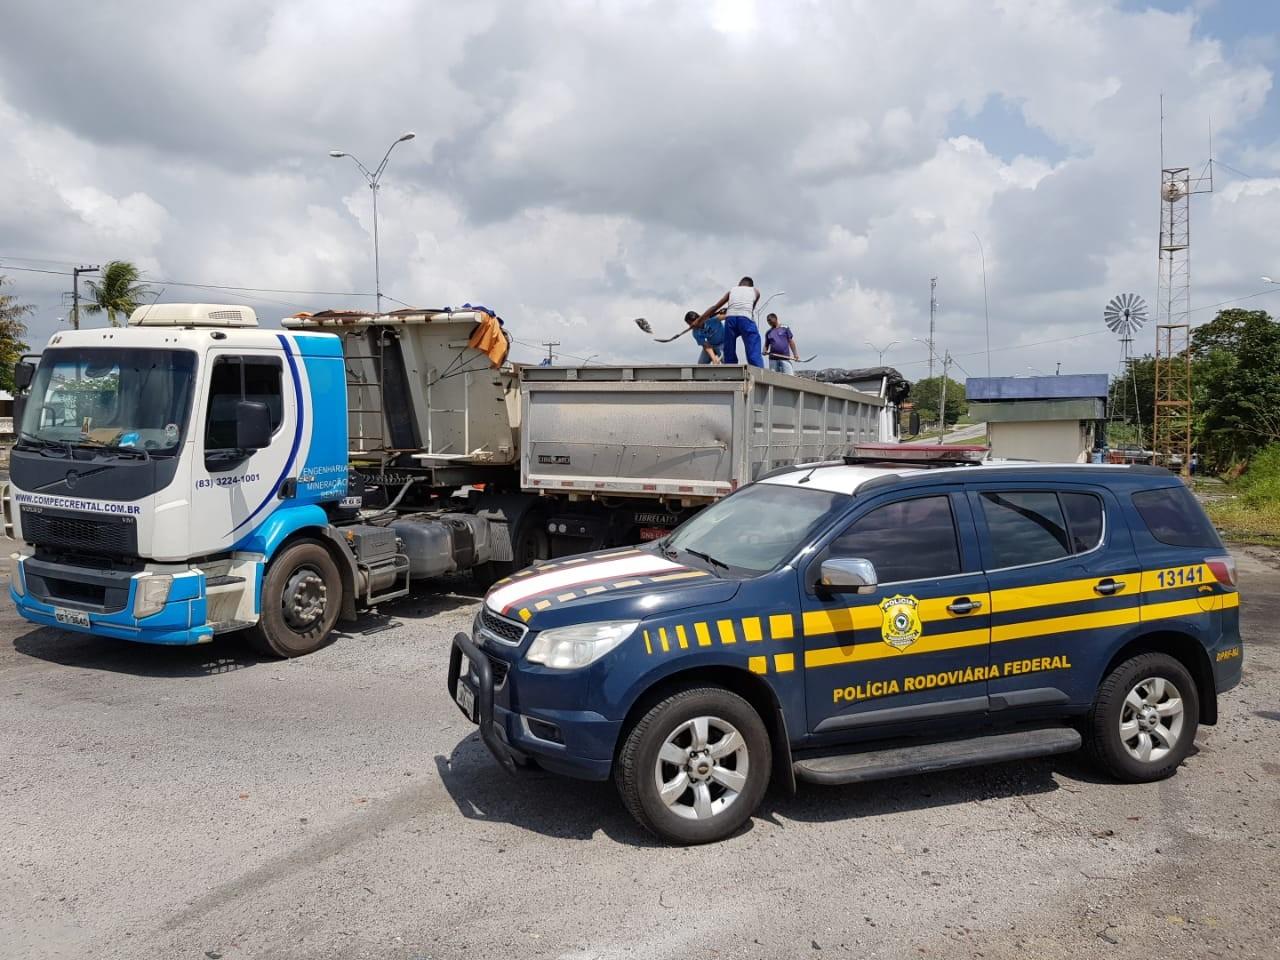 Caminhão com mais de 14 toneladas de excesso de peso é apreendido pela PRF na BR-230, PB - Notícias - Plantão Diário